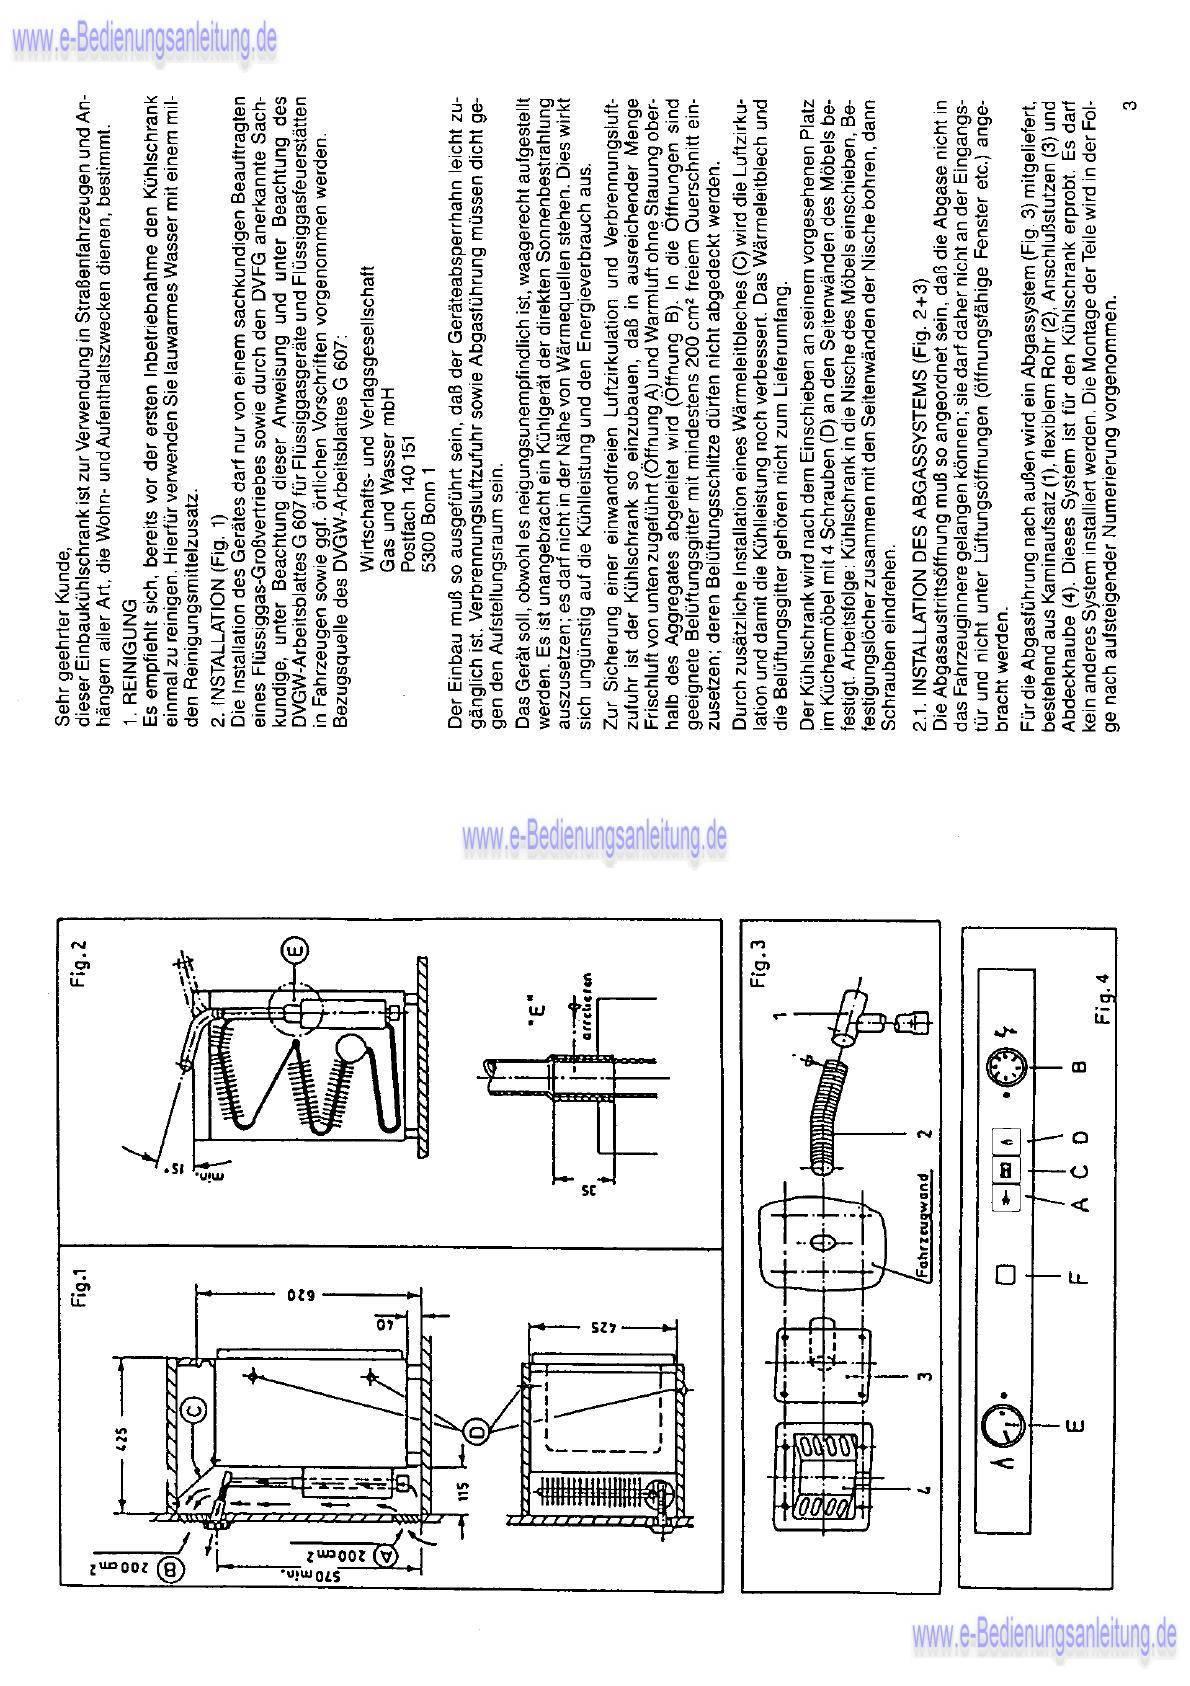 T2 Kühlschrank Gas-->Elektrobetrieb - Camping - VWBUSFORUM.CH